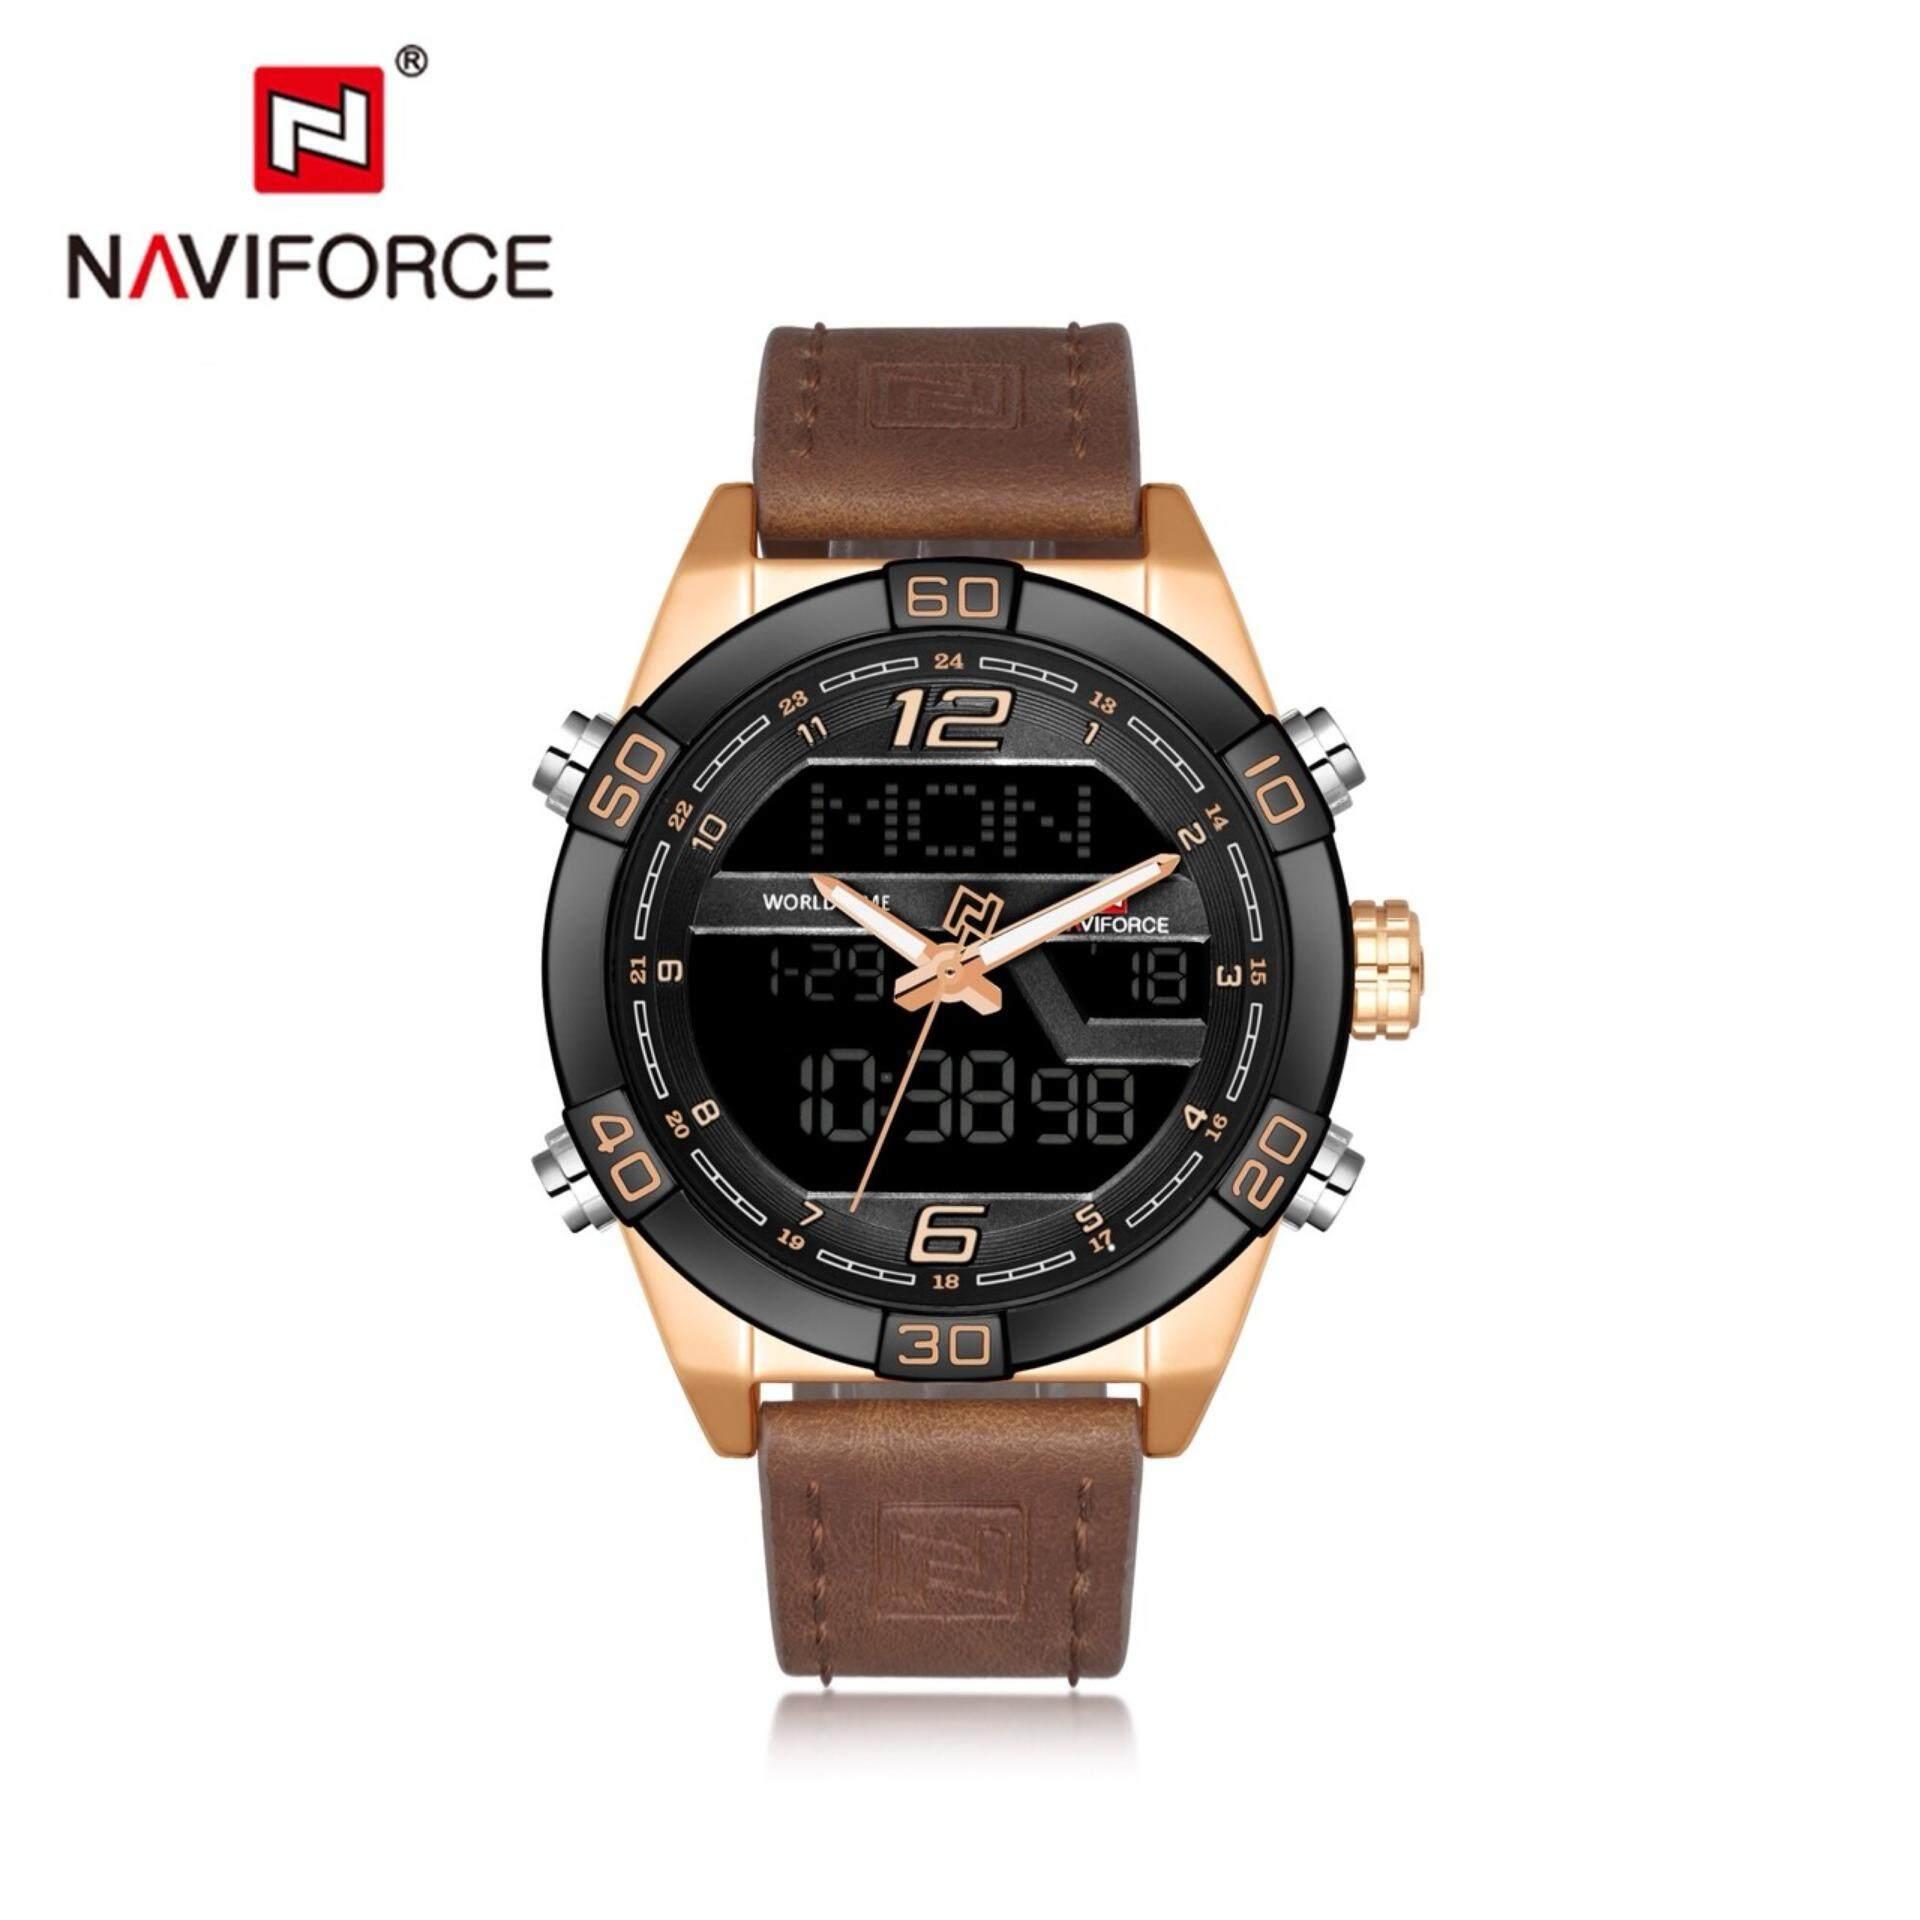 ((ประกันศูนย์ไทย)) NAVIFORCE WATCH นาฬิกาข้อมือผู้ชาย เครื่องญี่ปุ่น กันน้ำ100% สายหนัง รุ่น NF9128